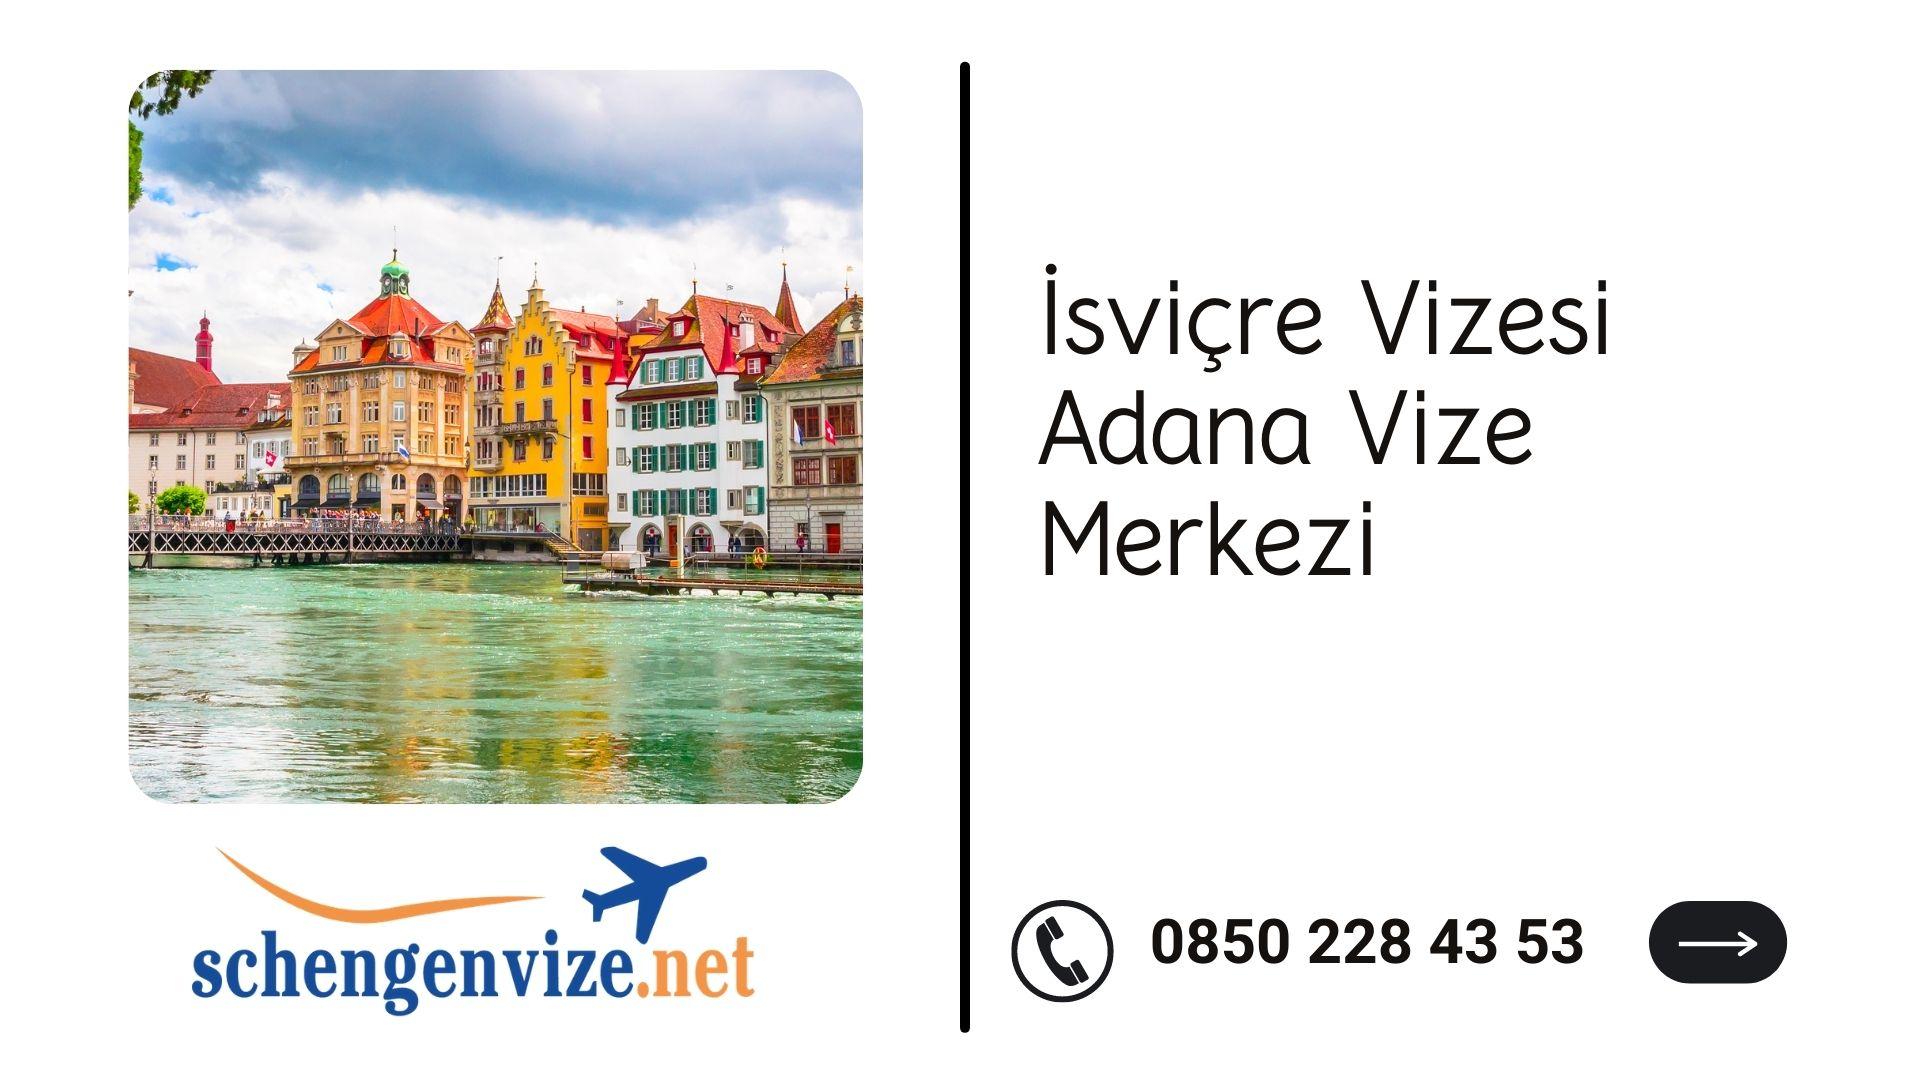 İsviçre Vizesi Adana Vize Merkezi